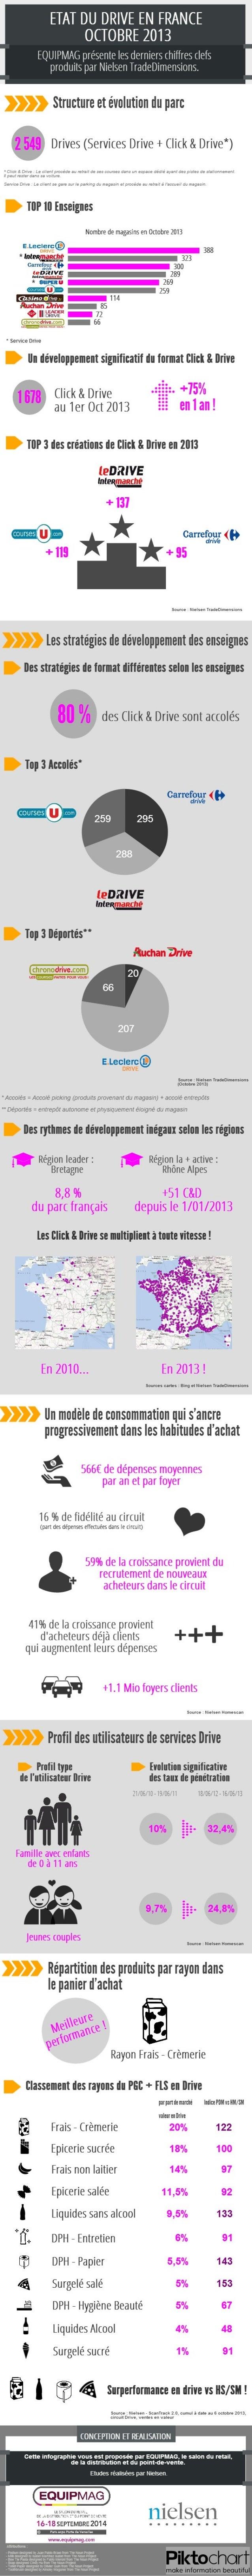 Infographie : le Drive en France, nouvel eldorado ? Chiffres Nielsen octobre 2013